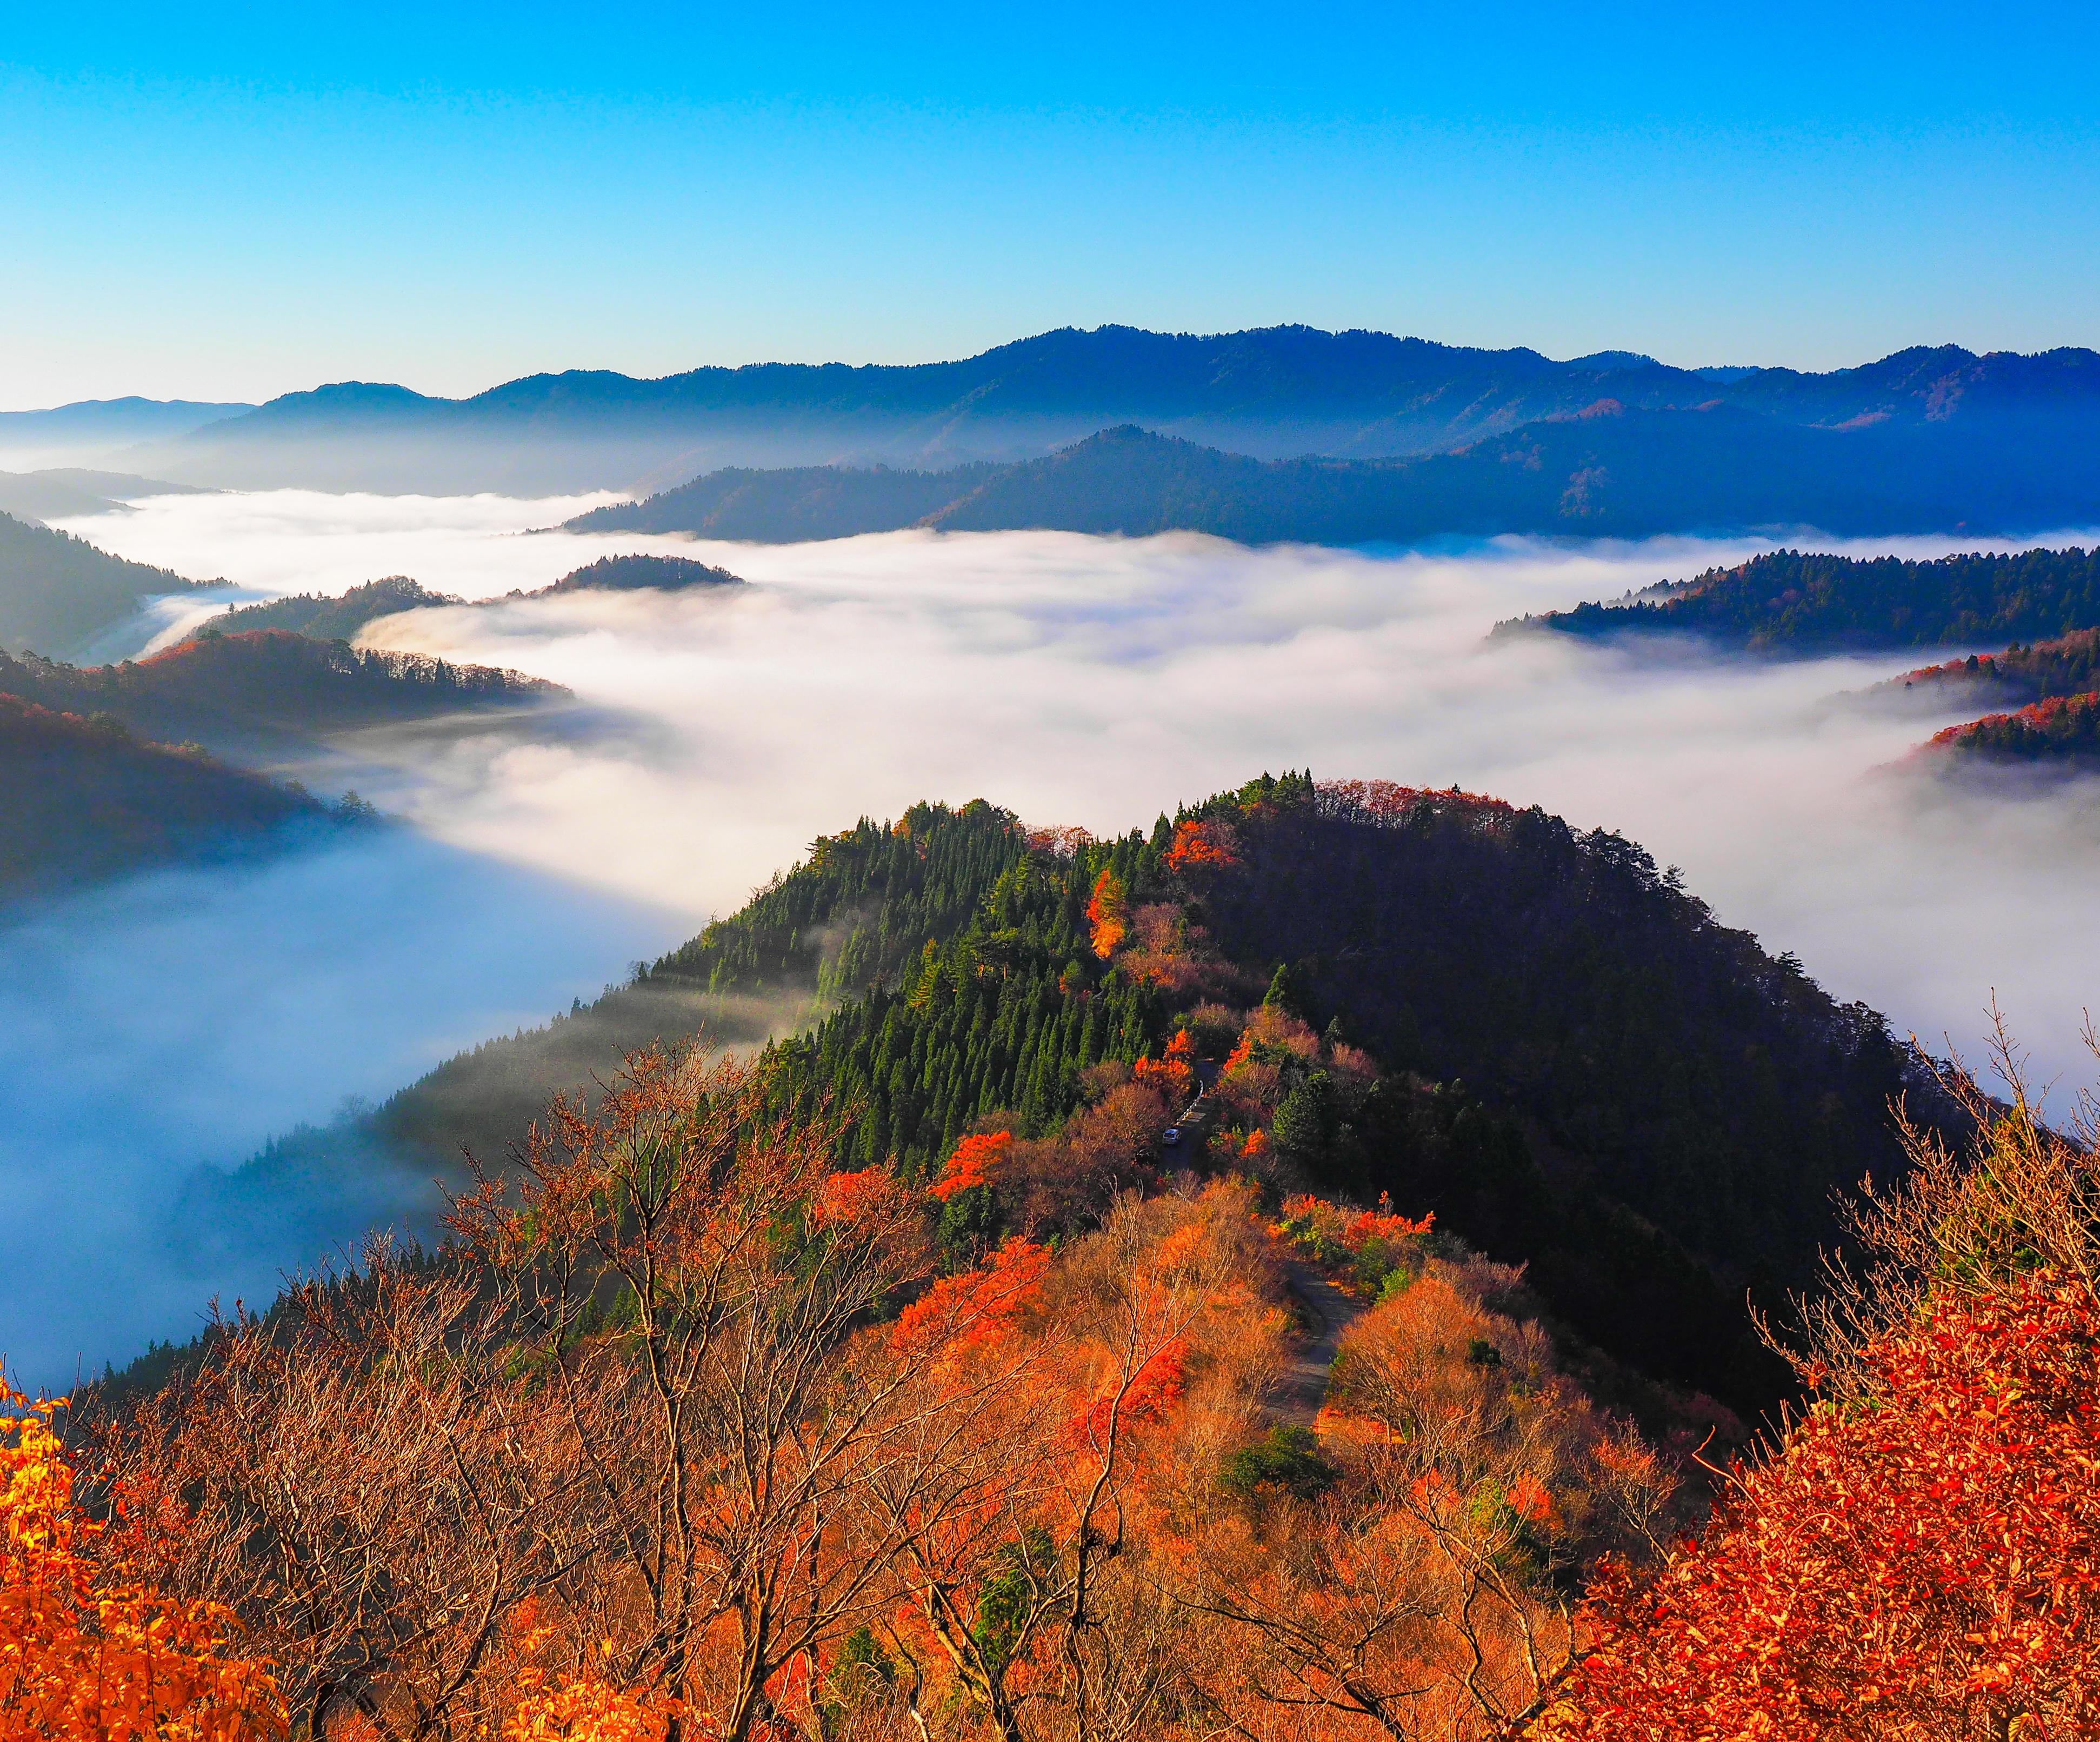 晩秋小入谷の紅葉と雲海